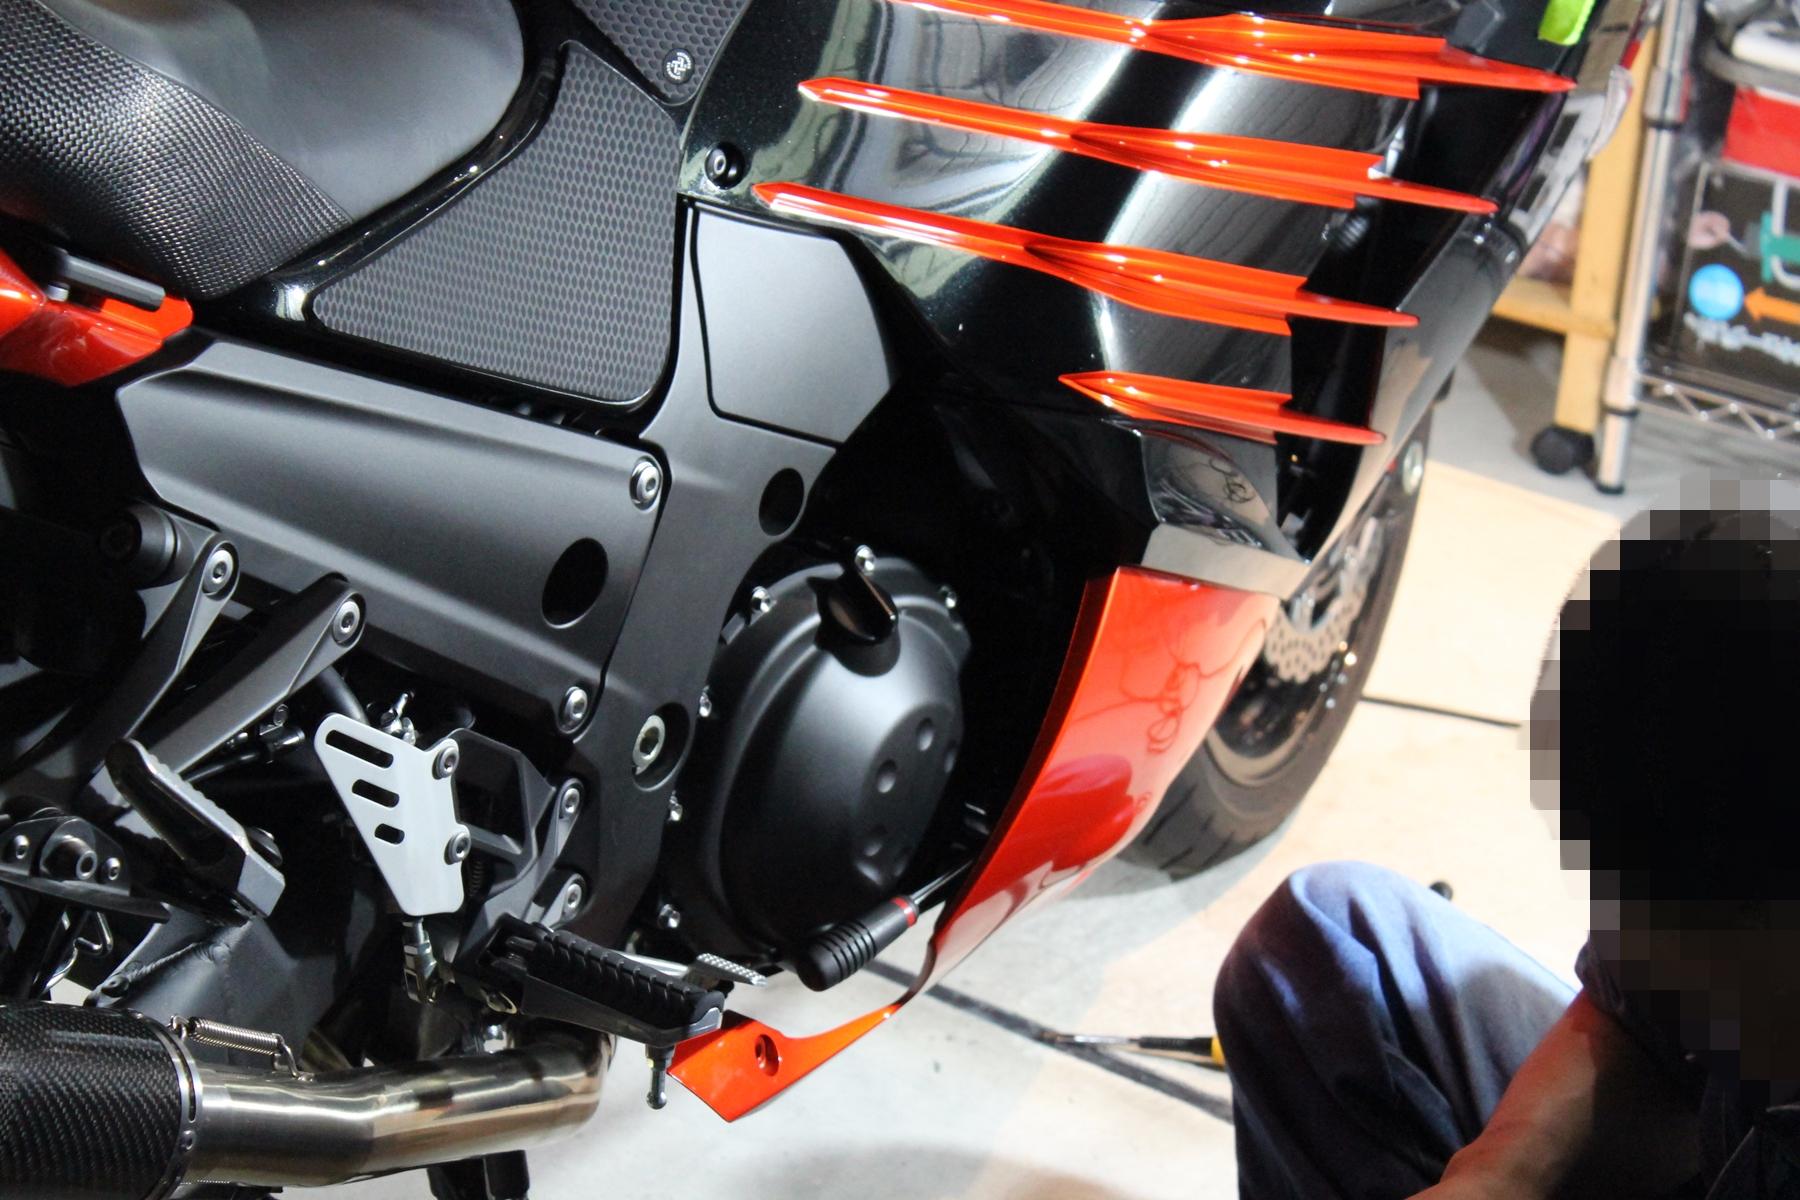 Baby Face ZX-14Rエンジンスライダー&フレームスライダー